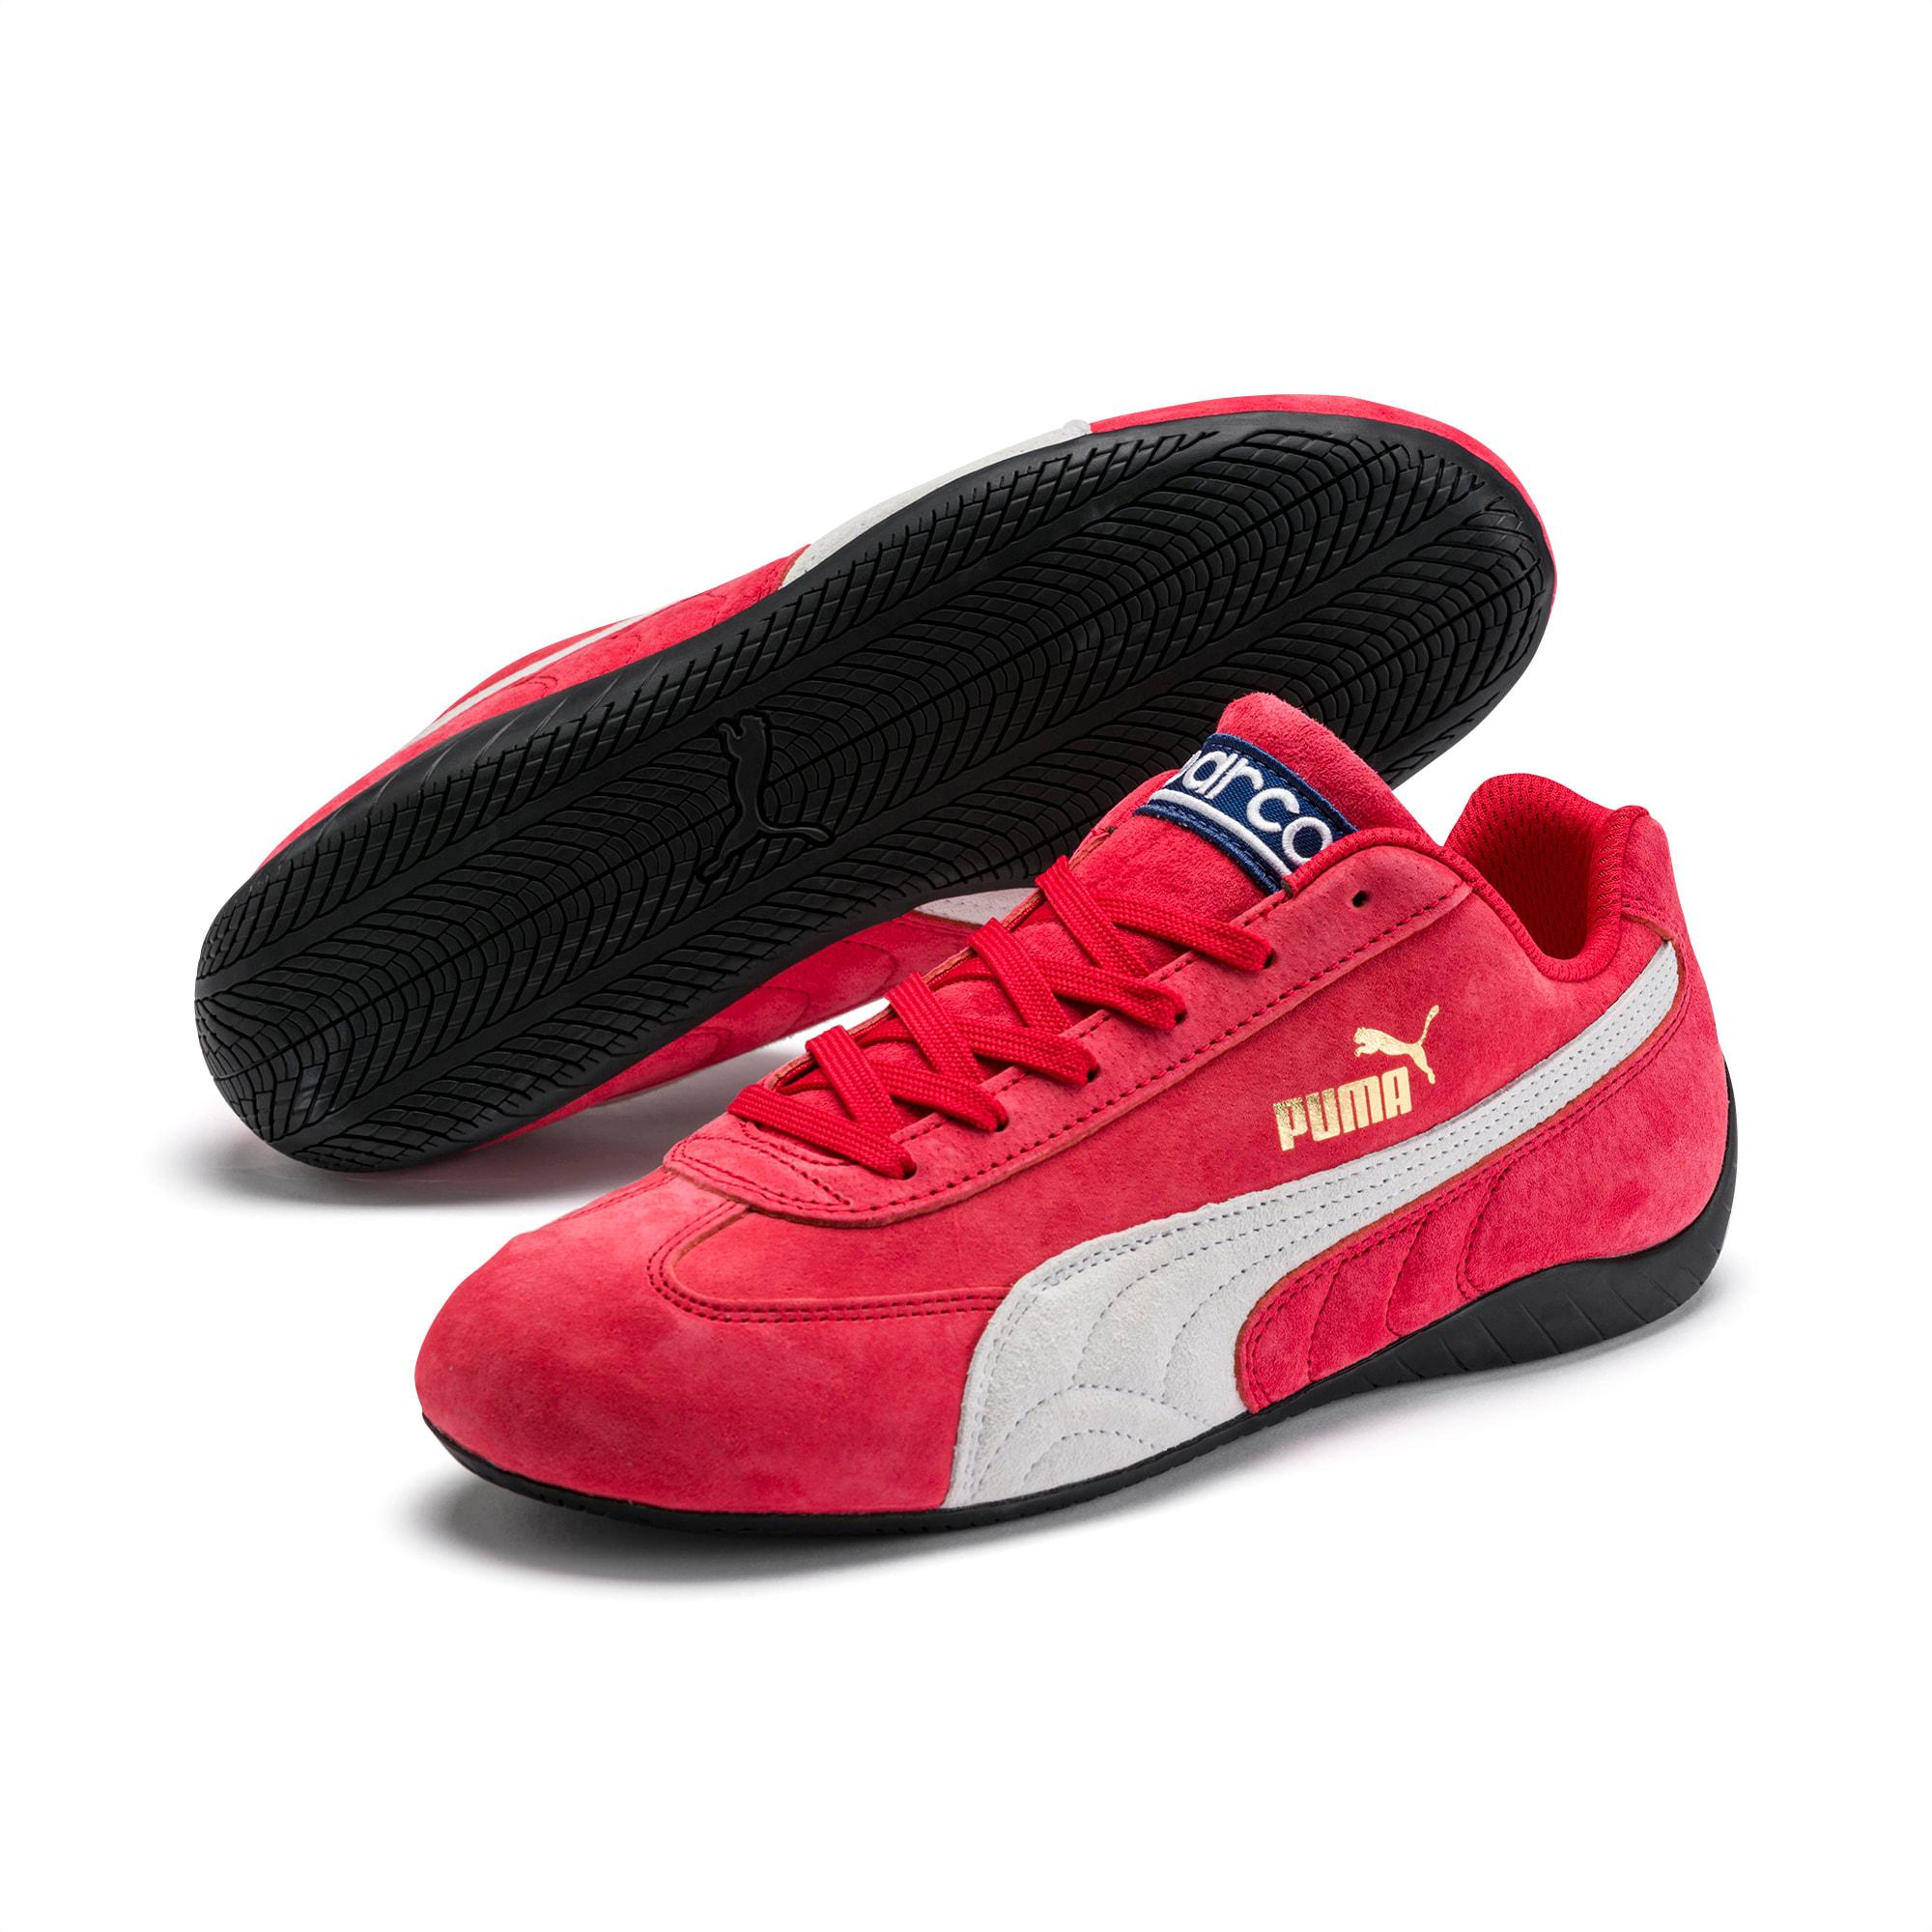 Speedcat OG Sparco Motorsport Shoes